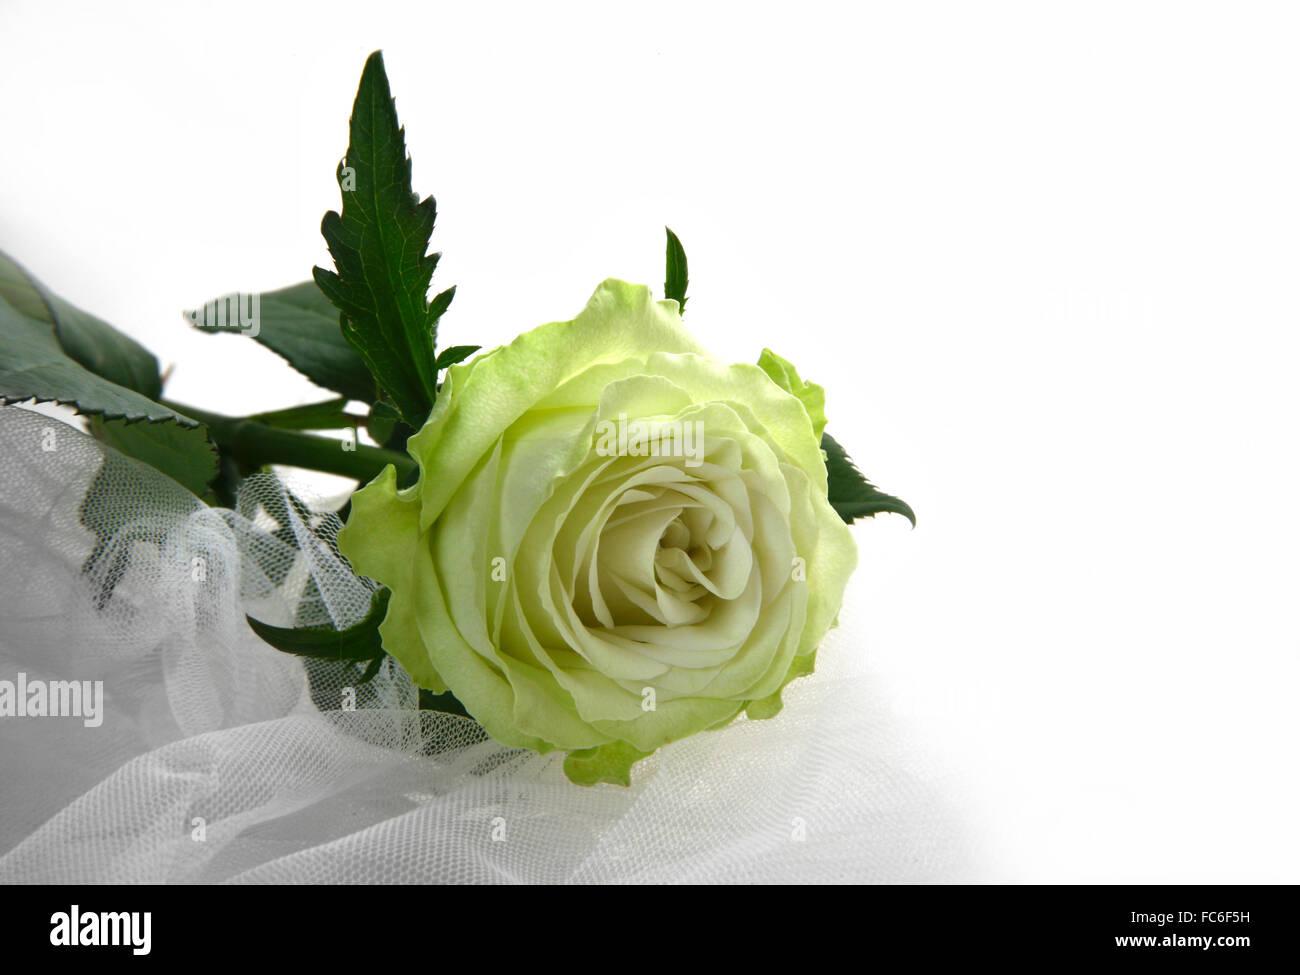 Greenish rose Stock Photo